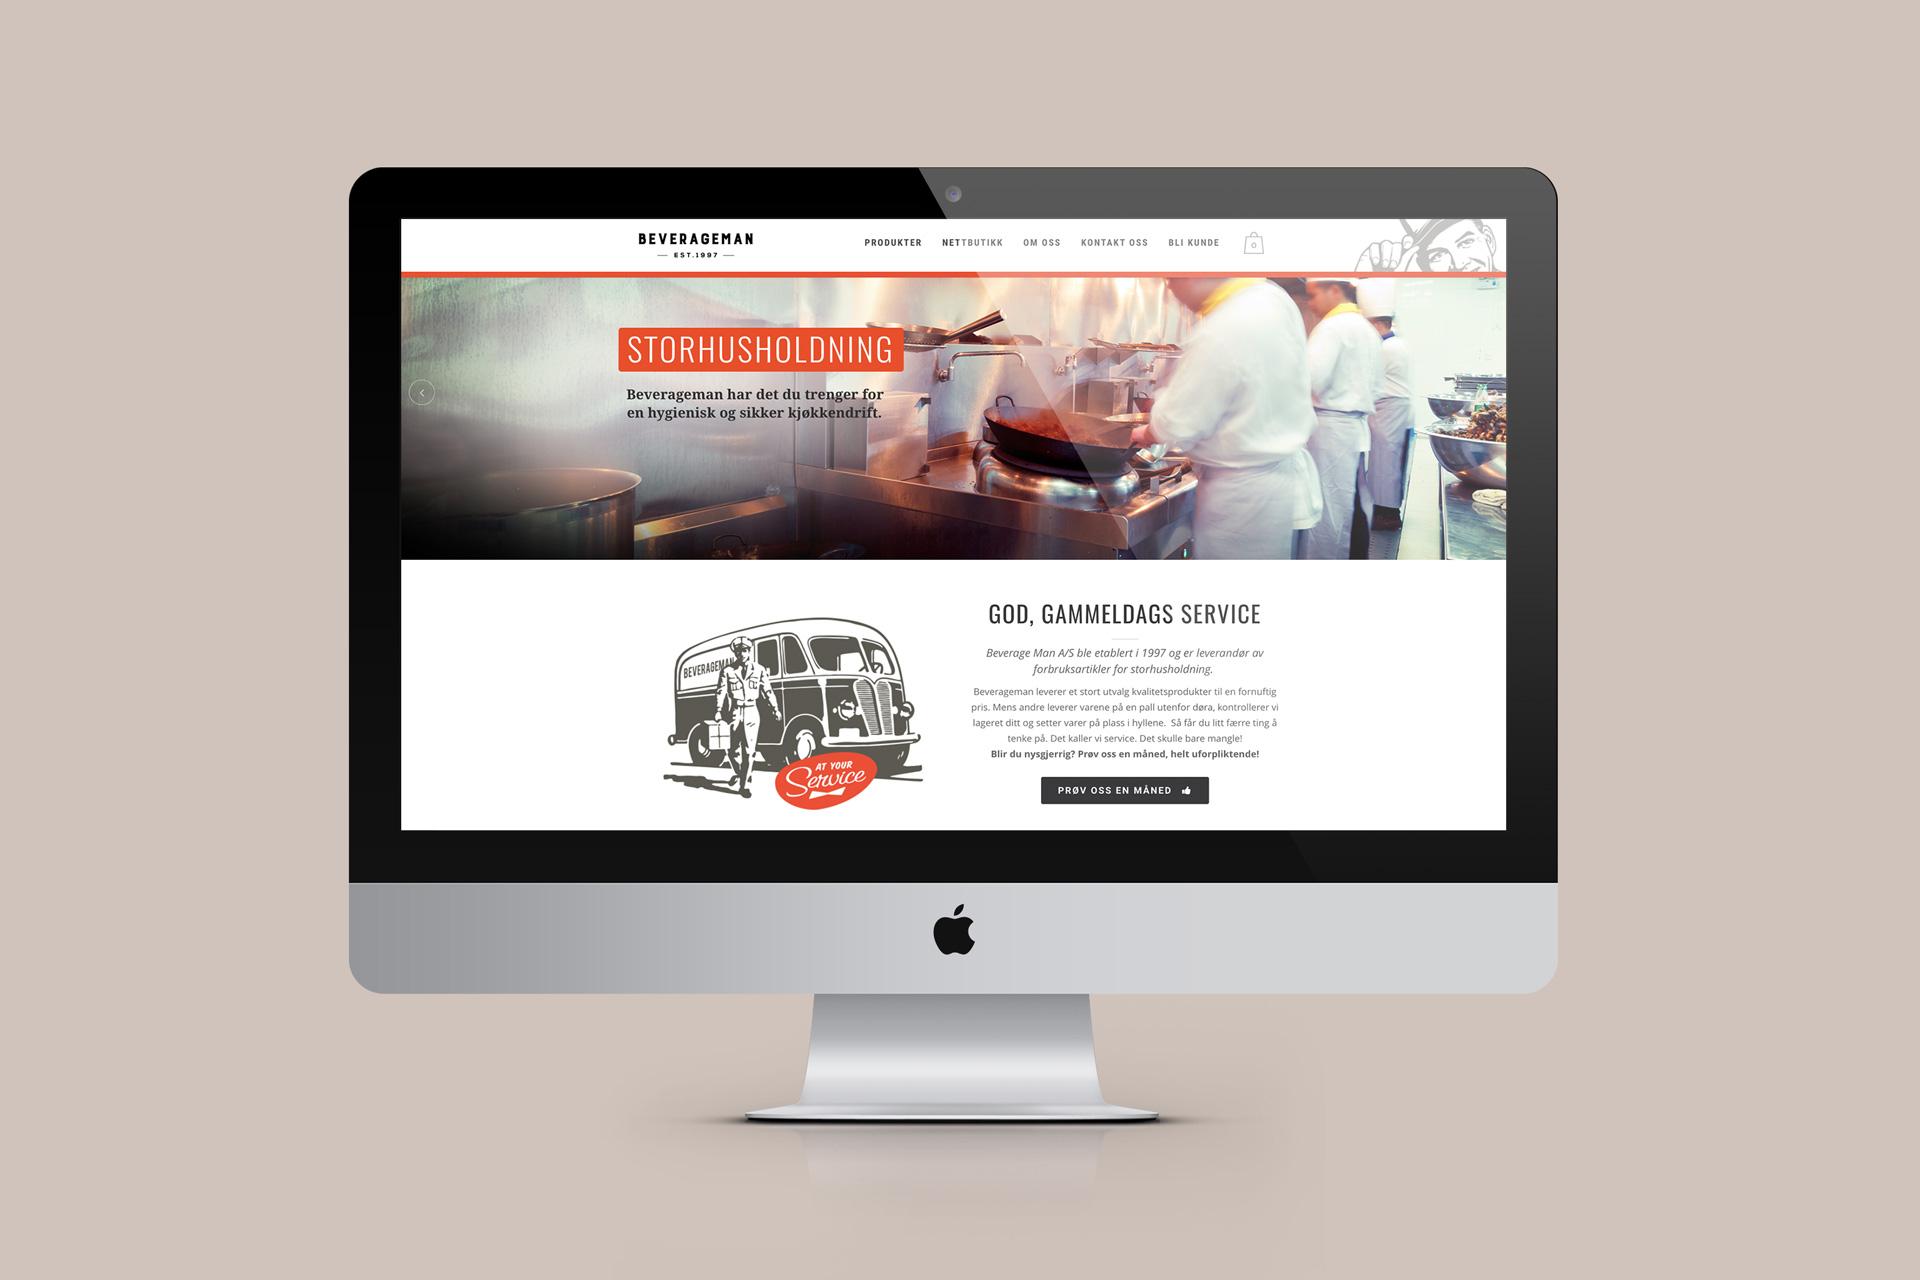 Nettside med webshop for Beverageman